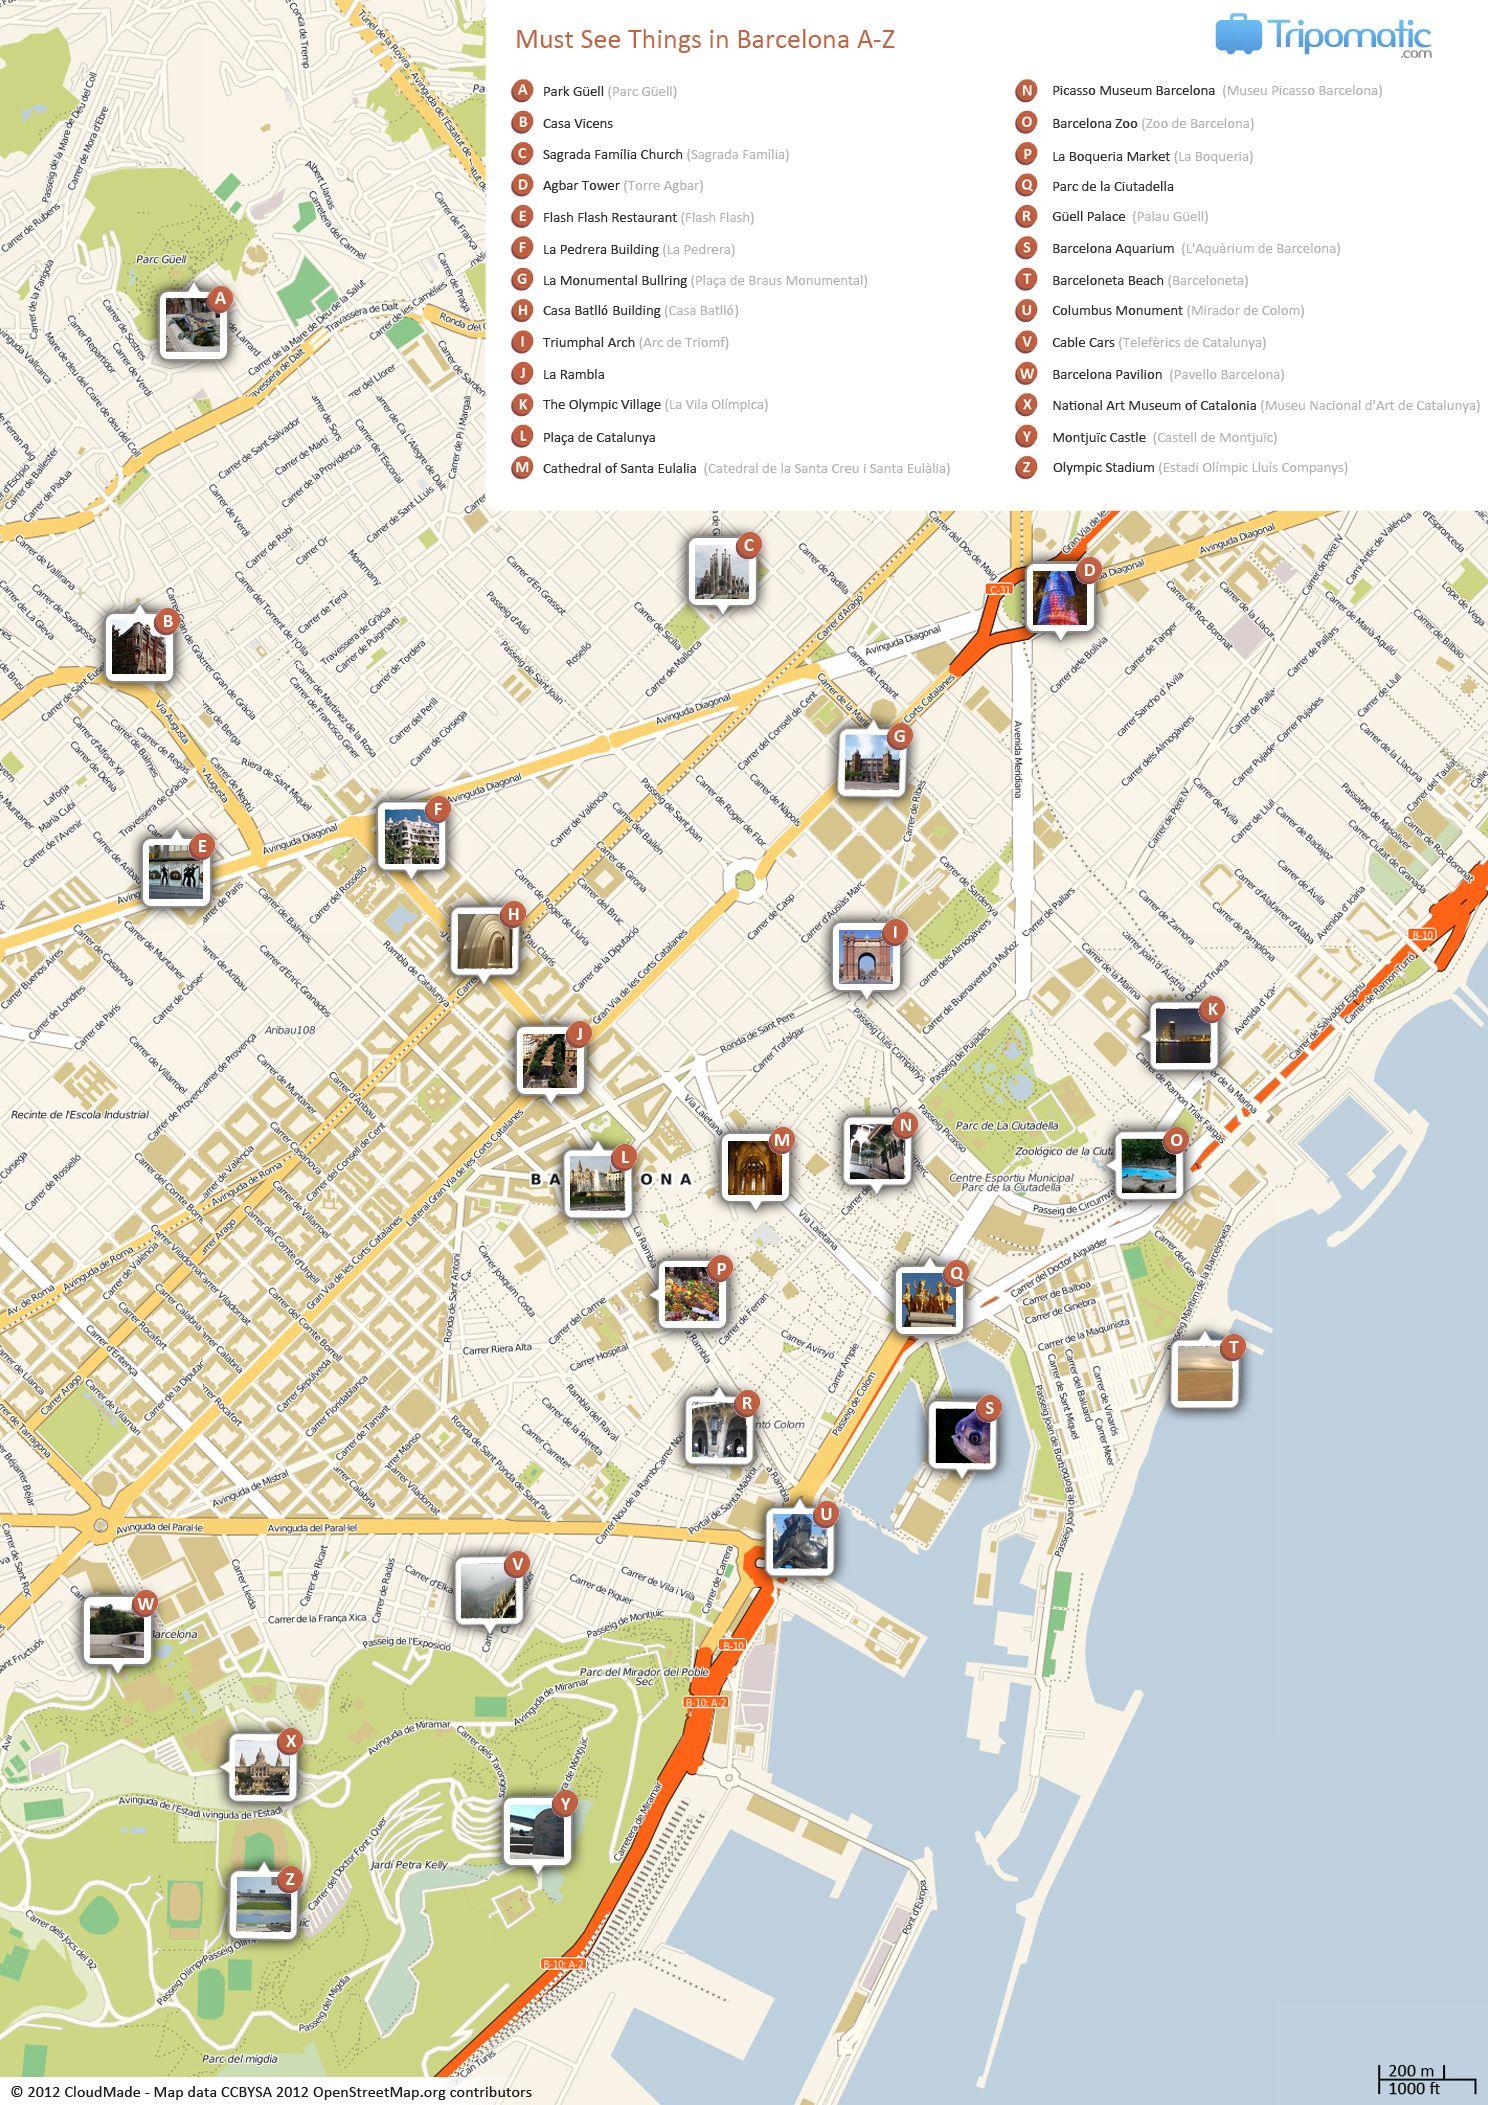 Barcelona Printable Tourist Map   Barcelona   Barcelona Tourist - Printable Map Of Barcelona